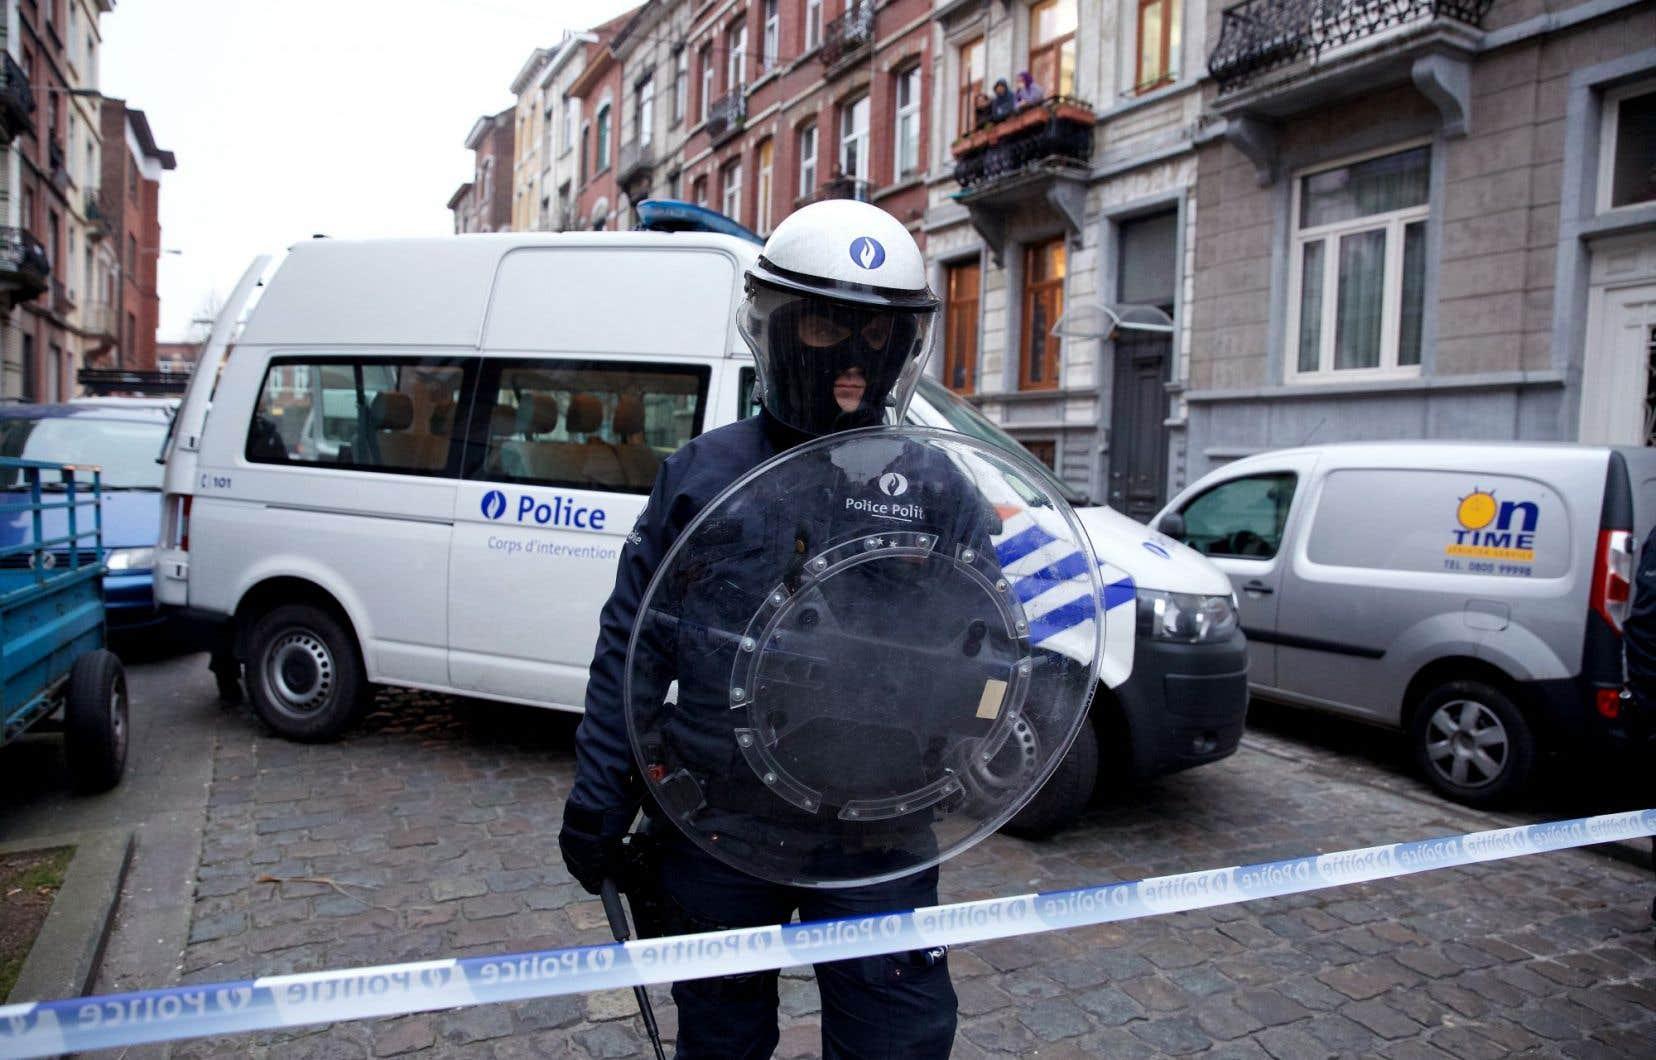 Tour à tour, les événements de la dernière année ont en effet braqué les projecteurs sur la Belgique et sa capitale.